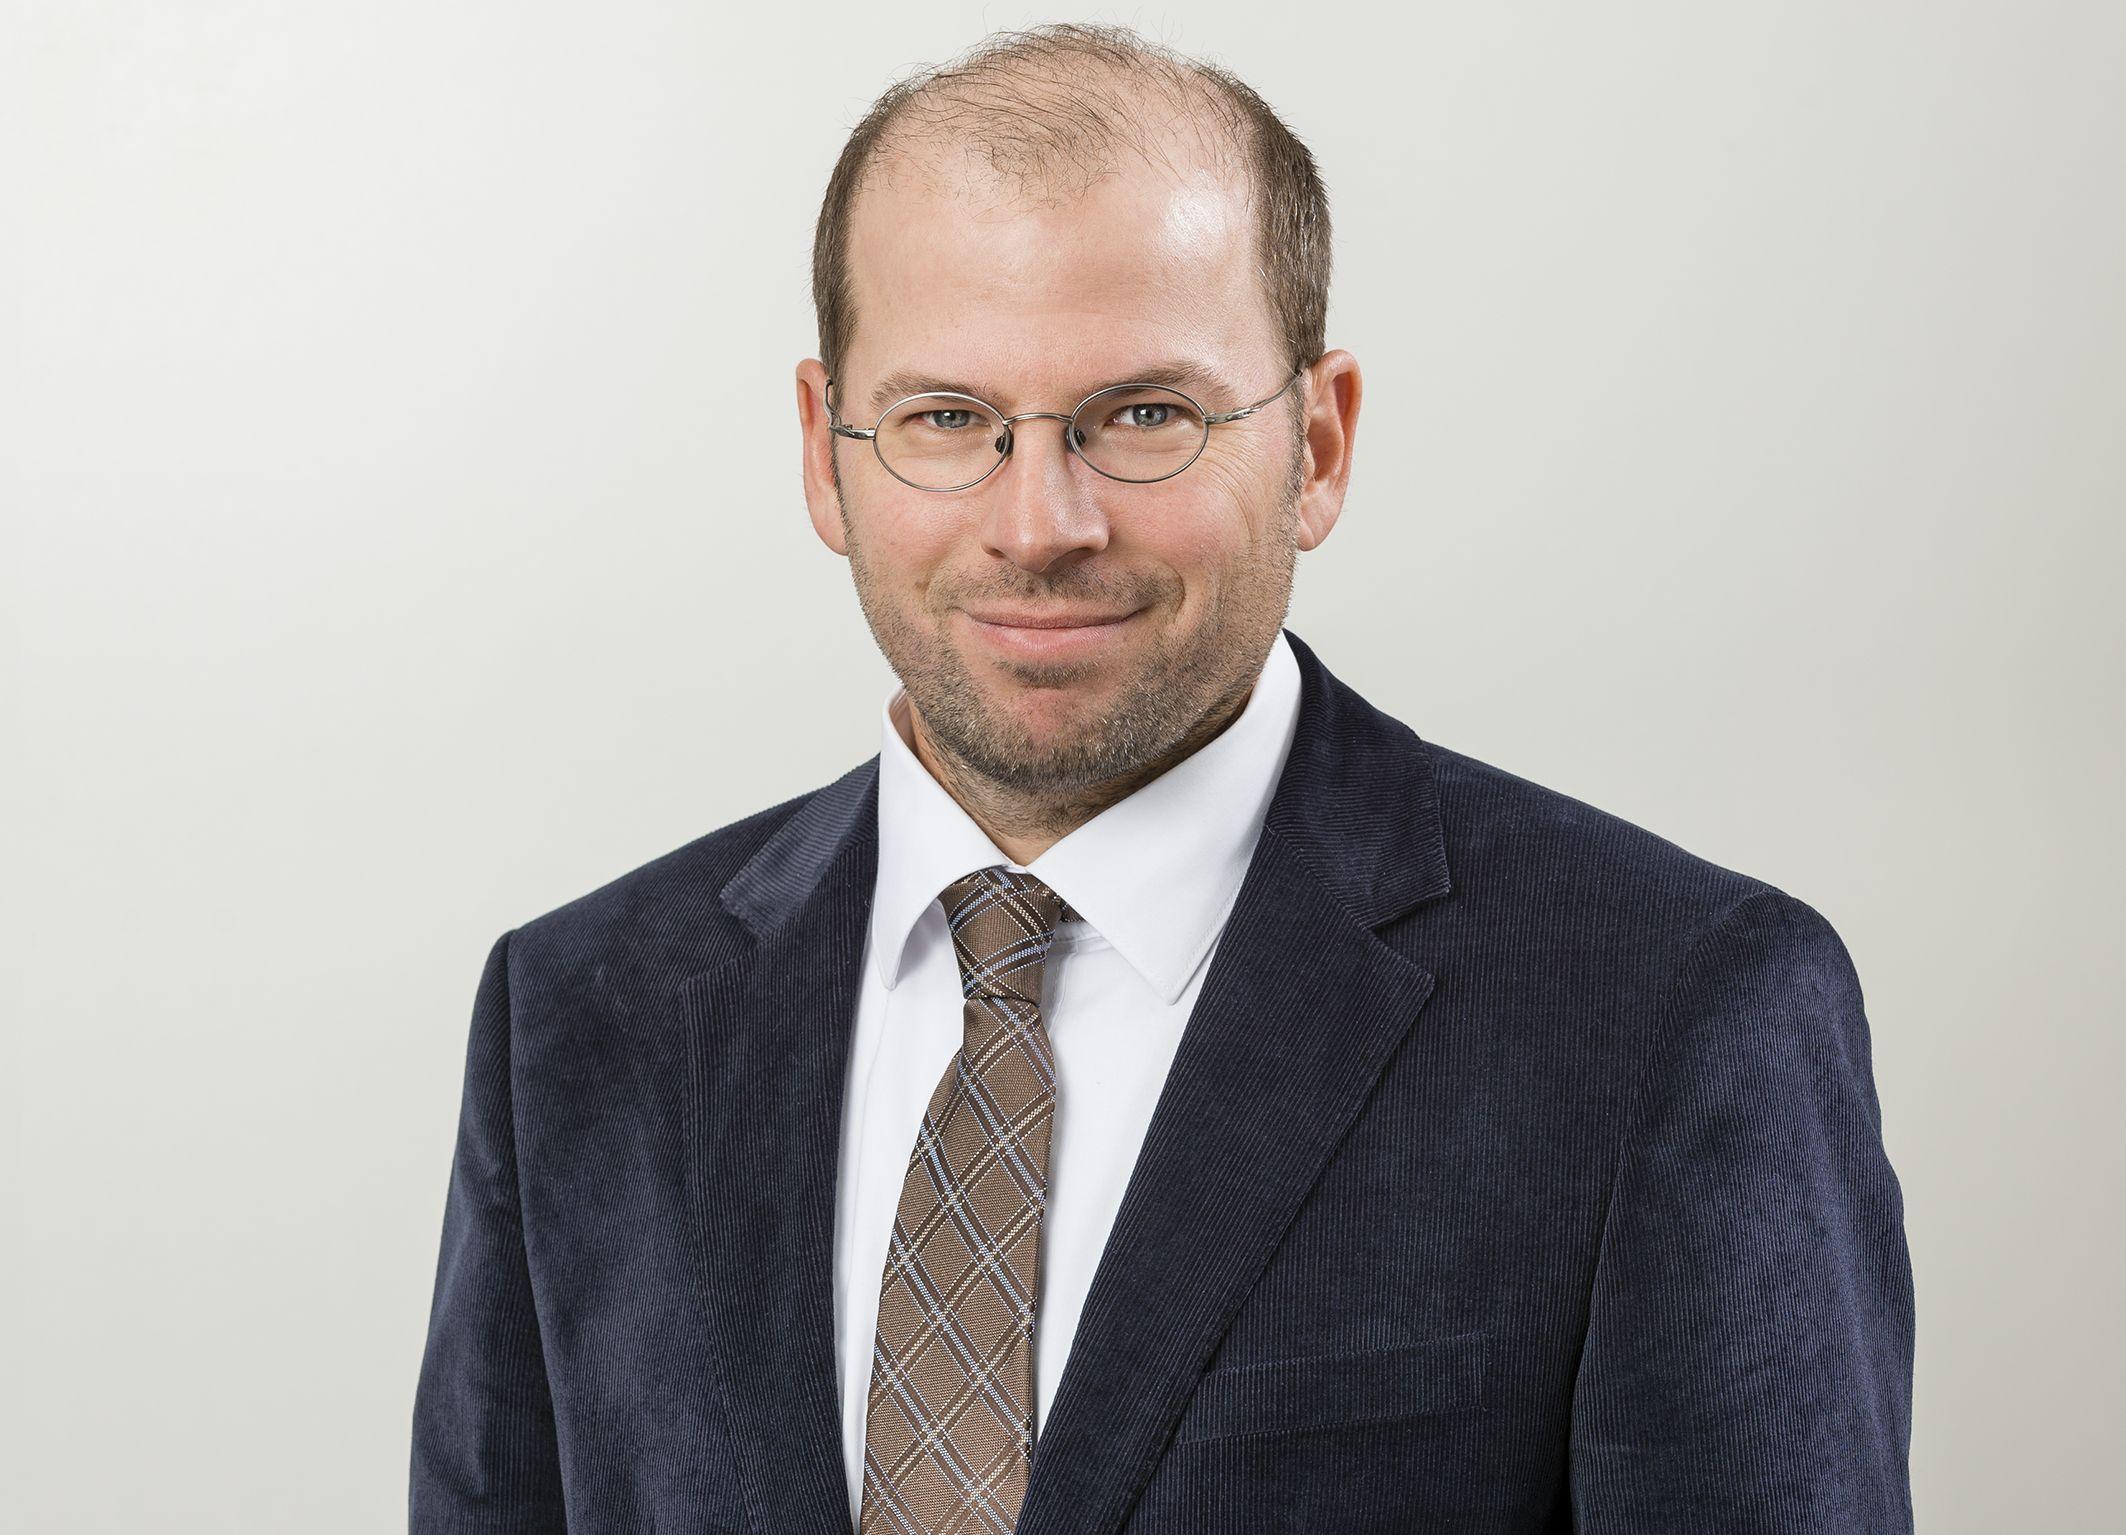 Dr. Sebastian Buss